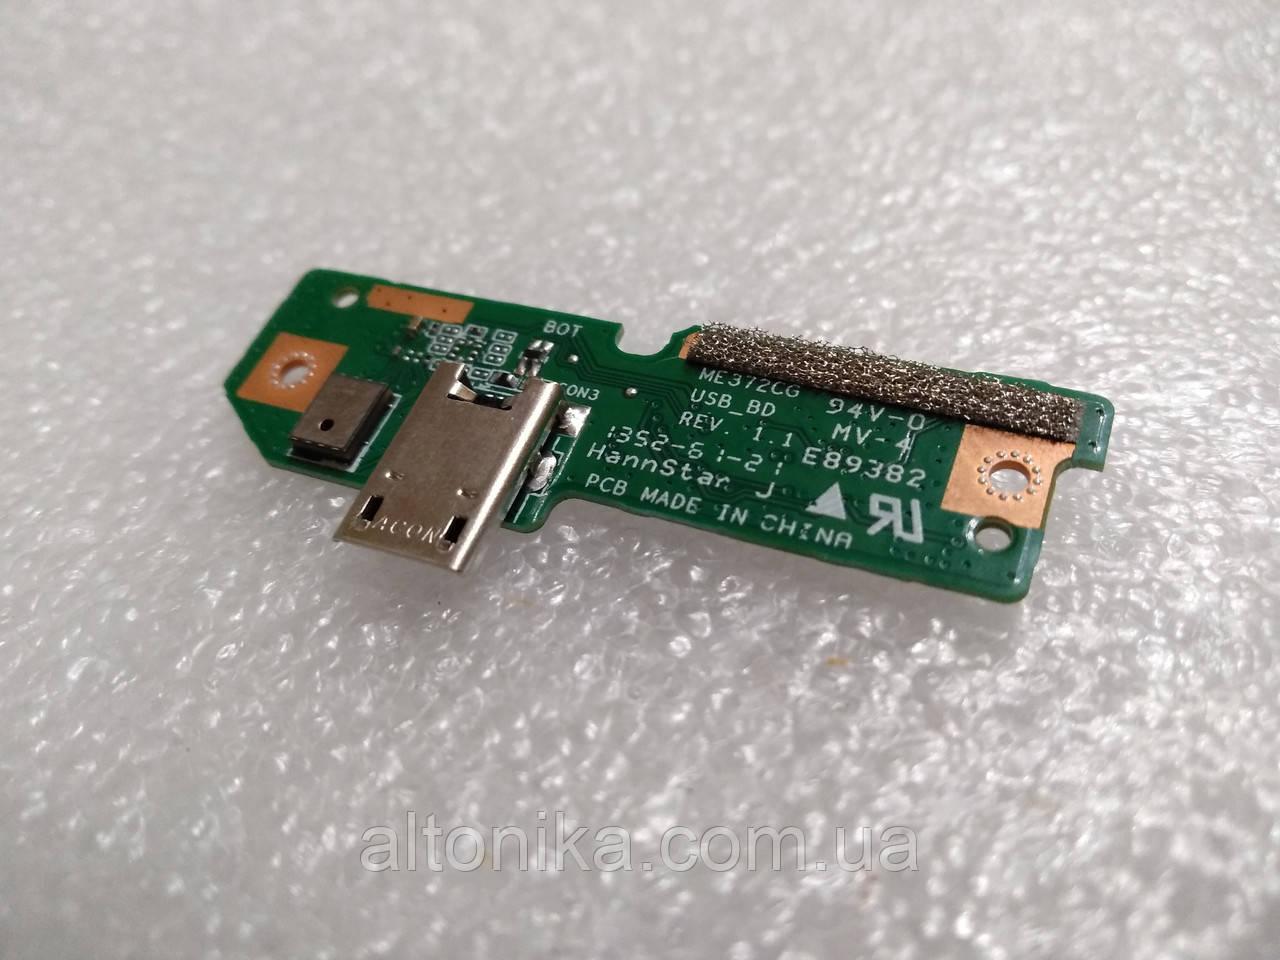 Плата зарядки с микрофоном для планшета Asus ME372CG USB BD rev.1.1